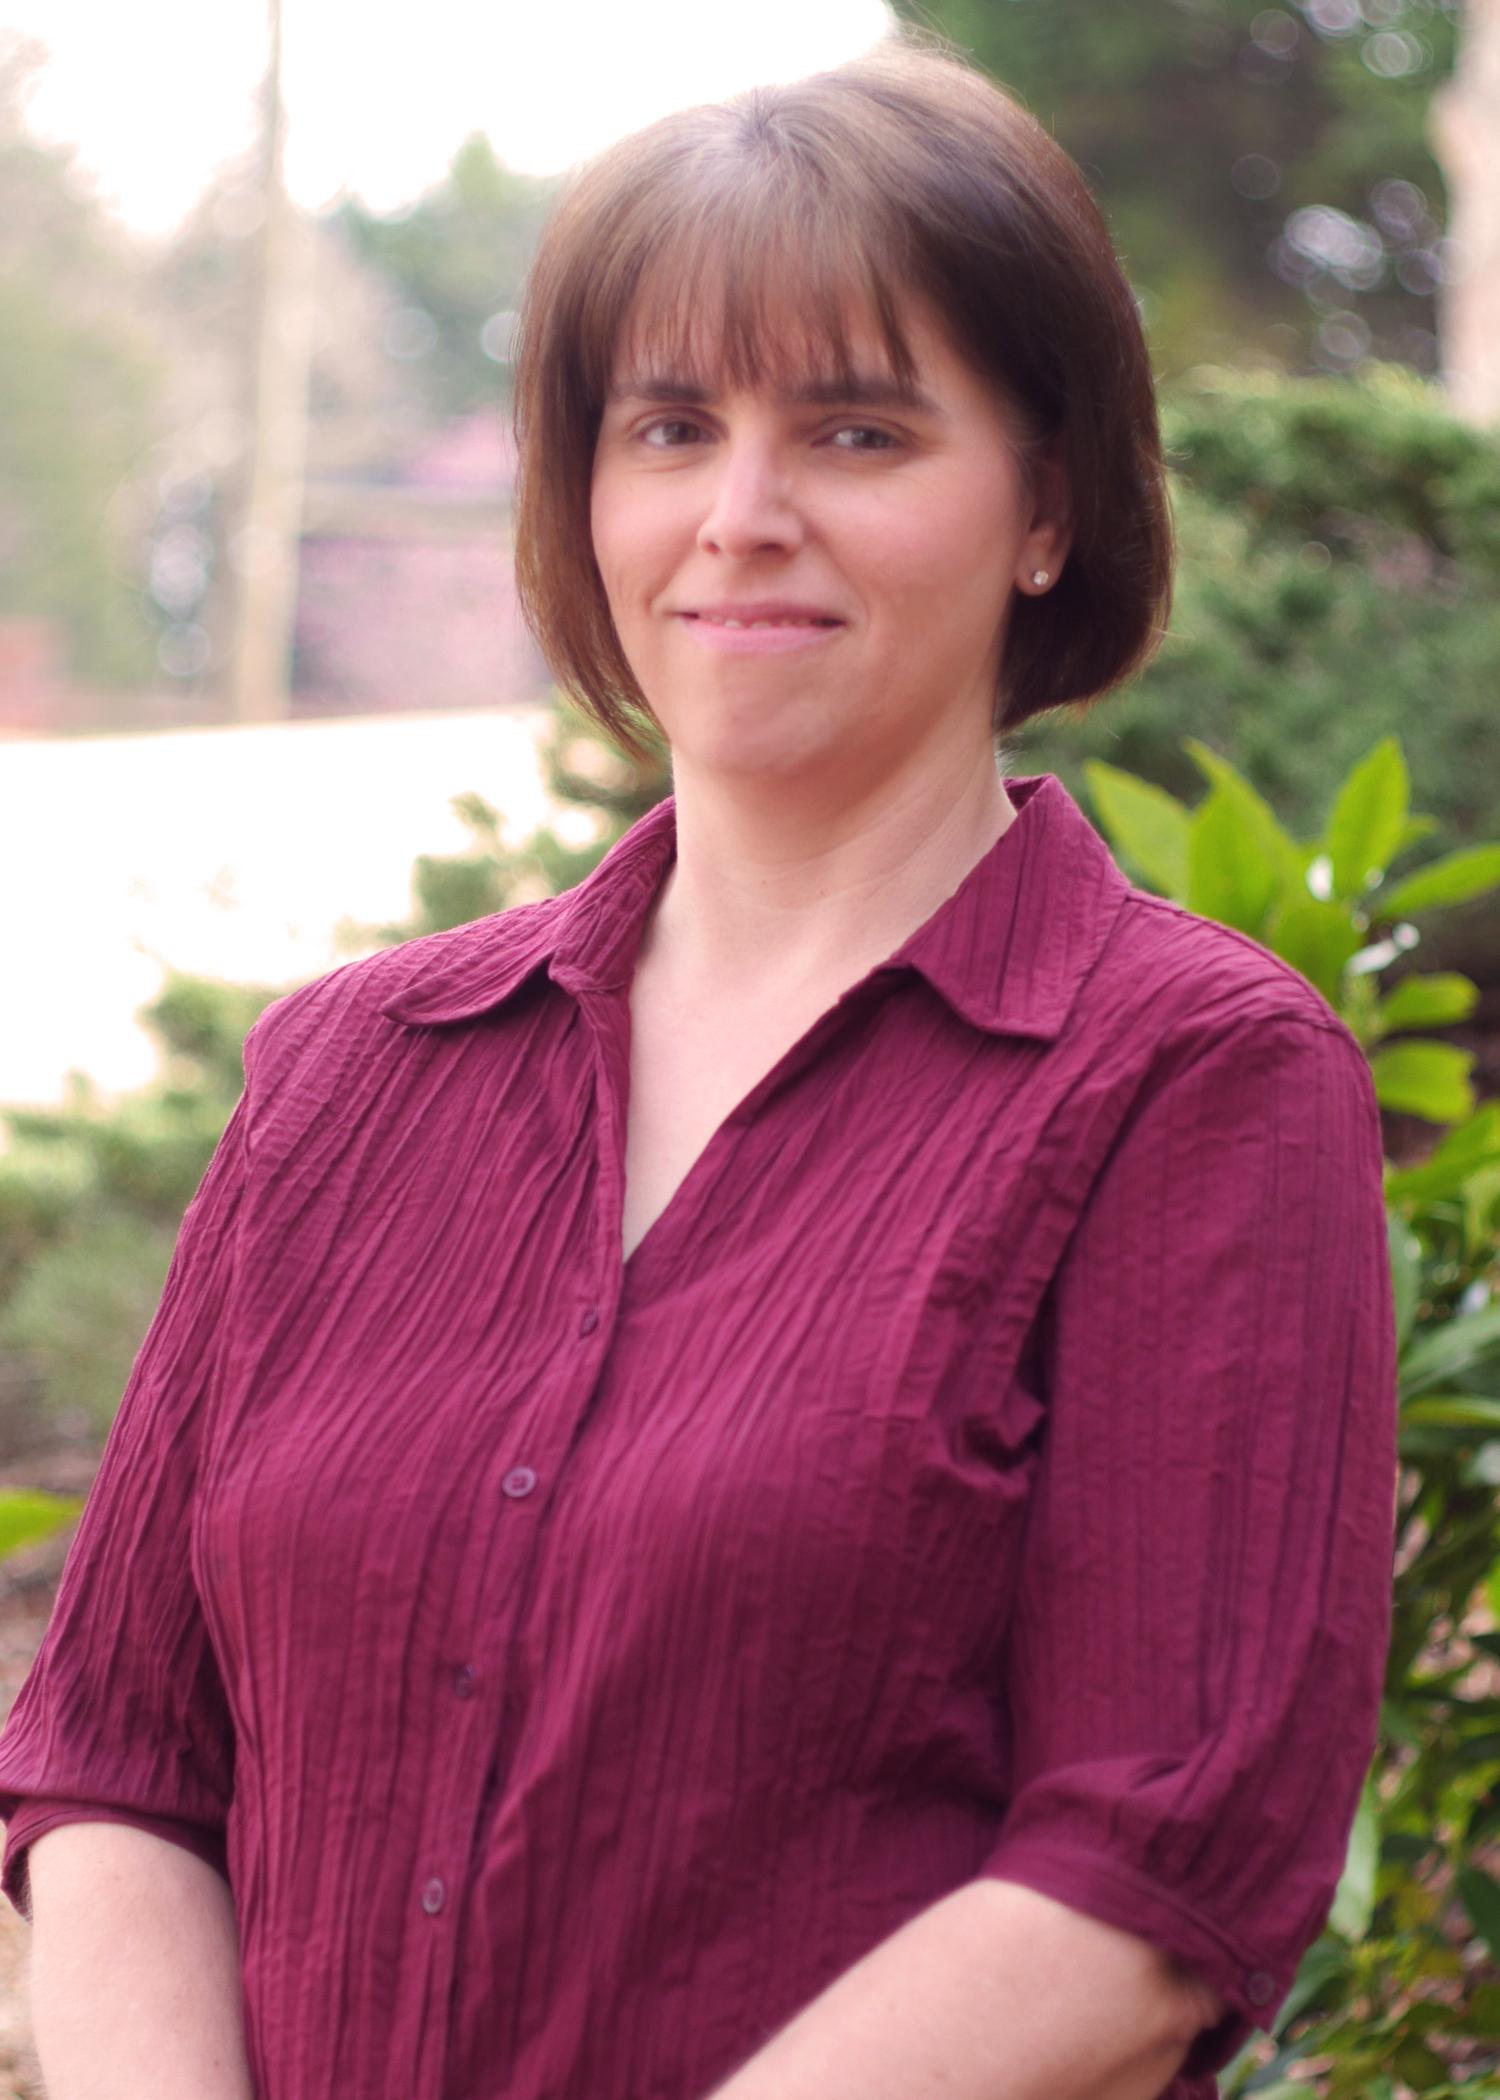 Rochelle Brinson